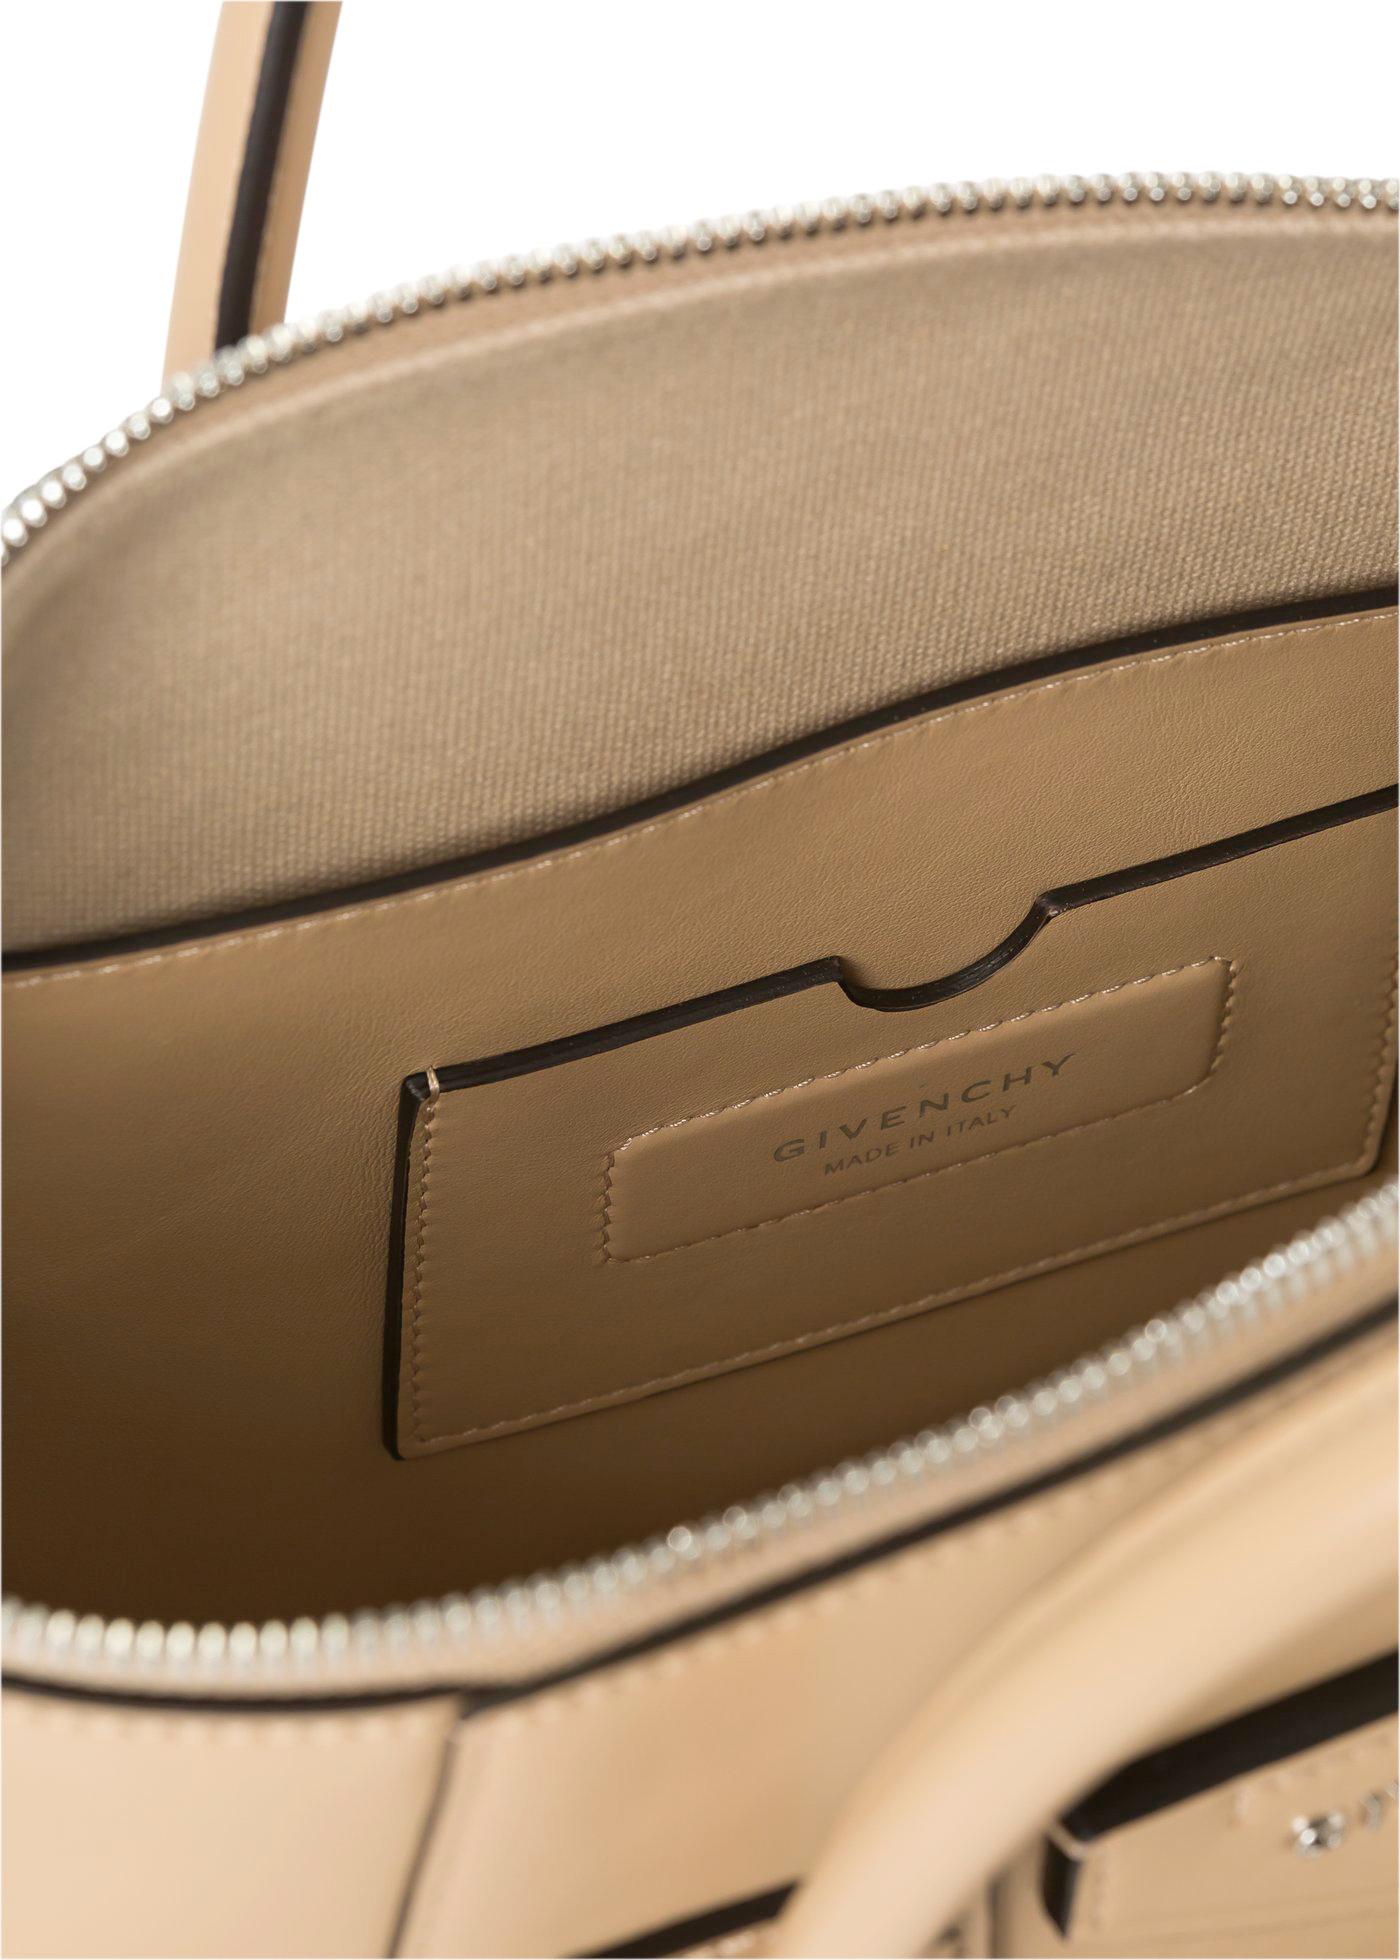 ANTIGONA SOFT - SMALL BAG image number 3